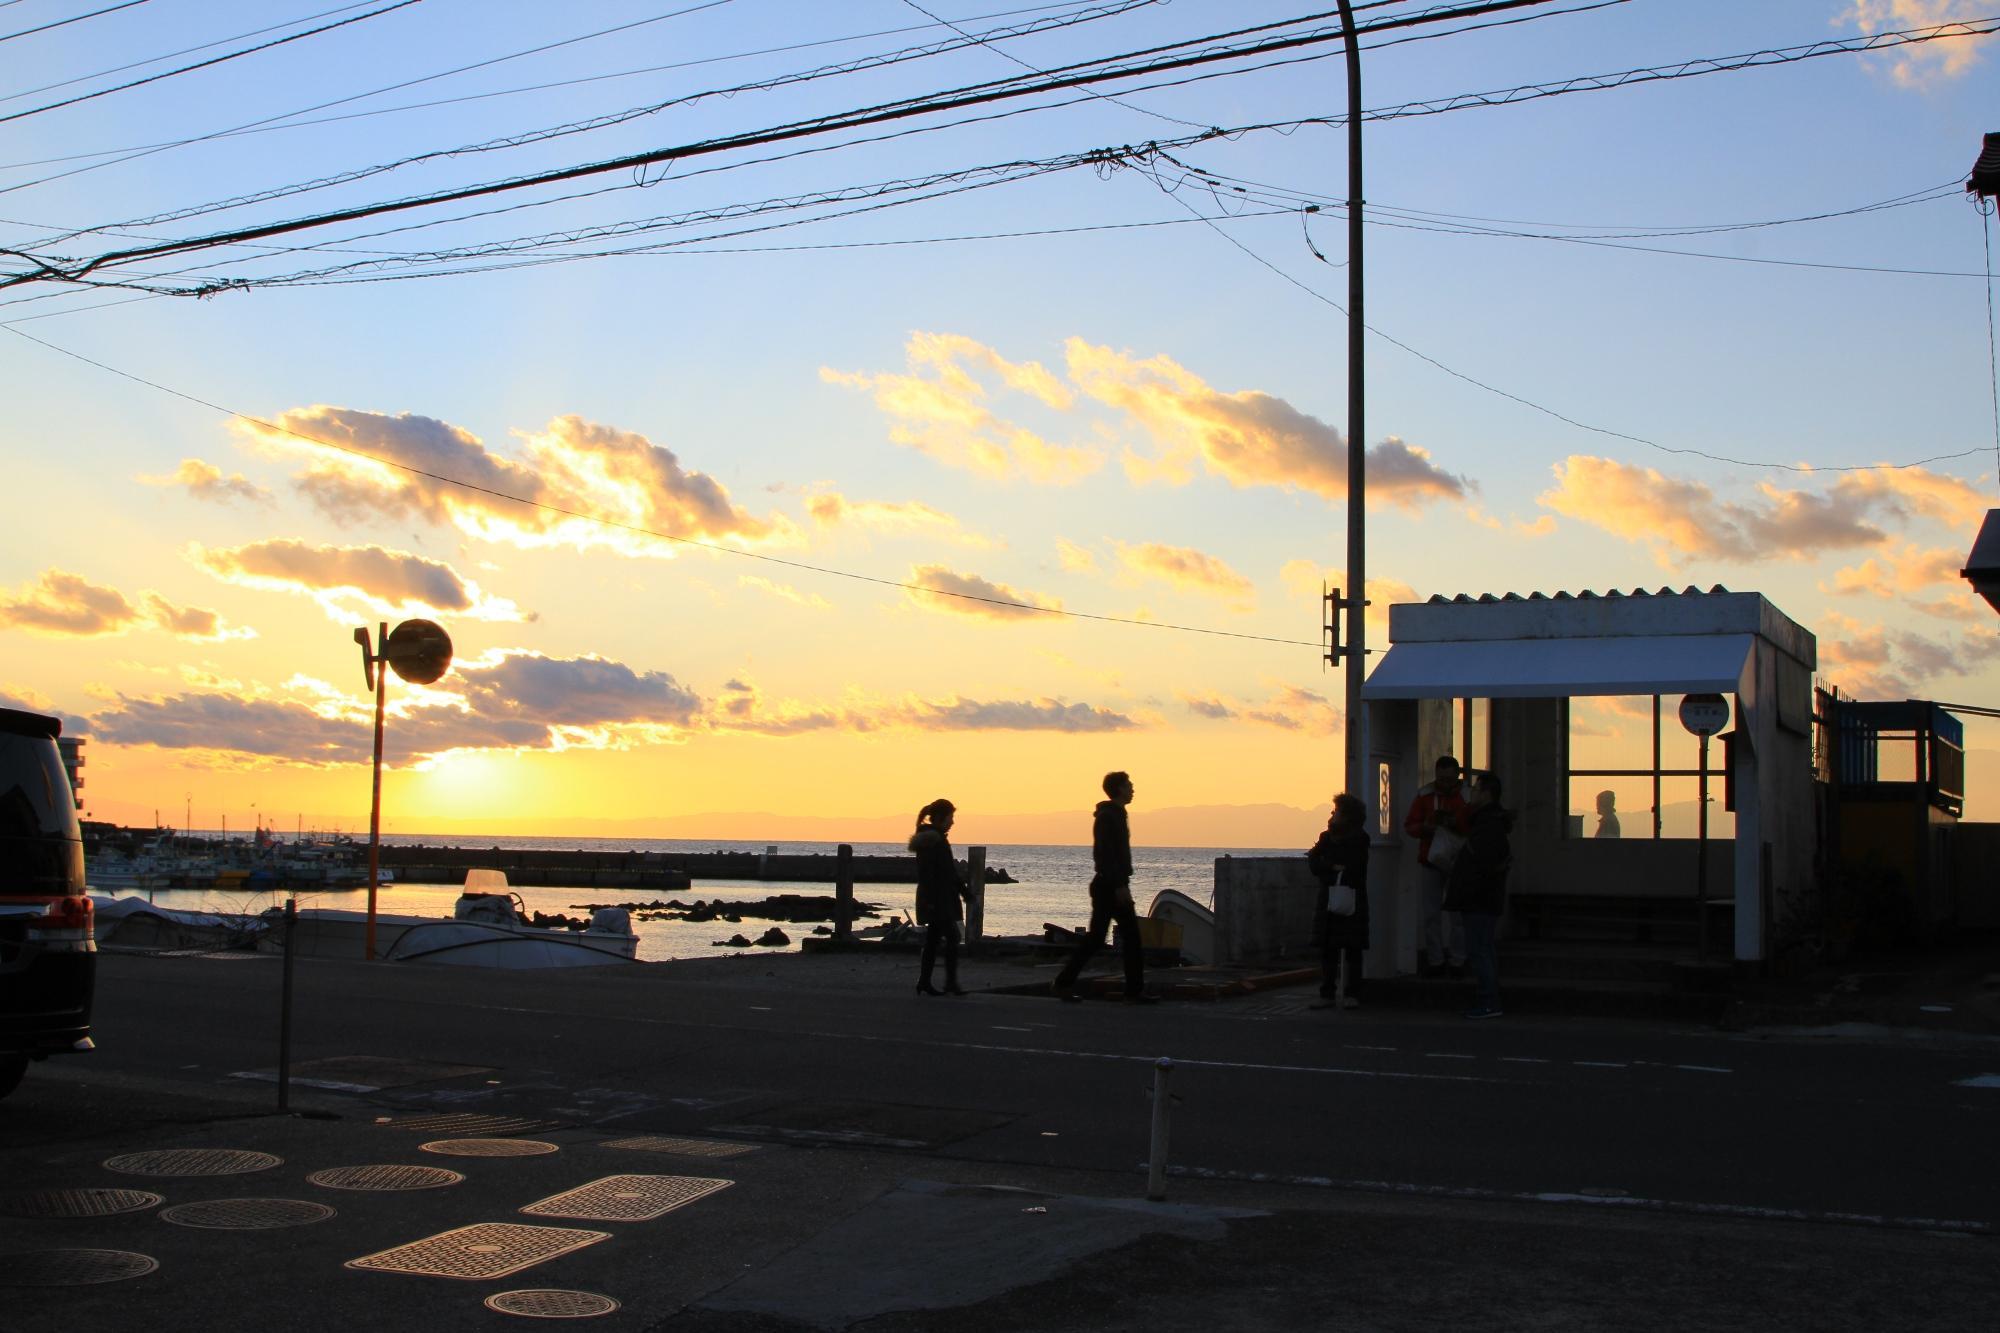 葉山町 写真1 「夕暮れのバス停」